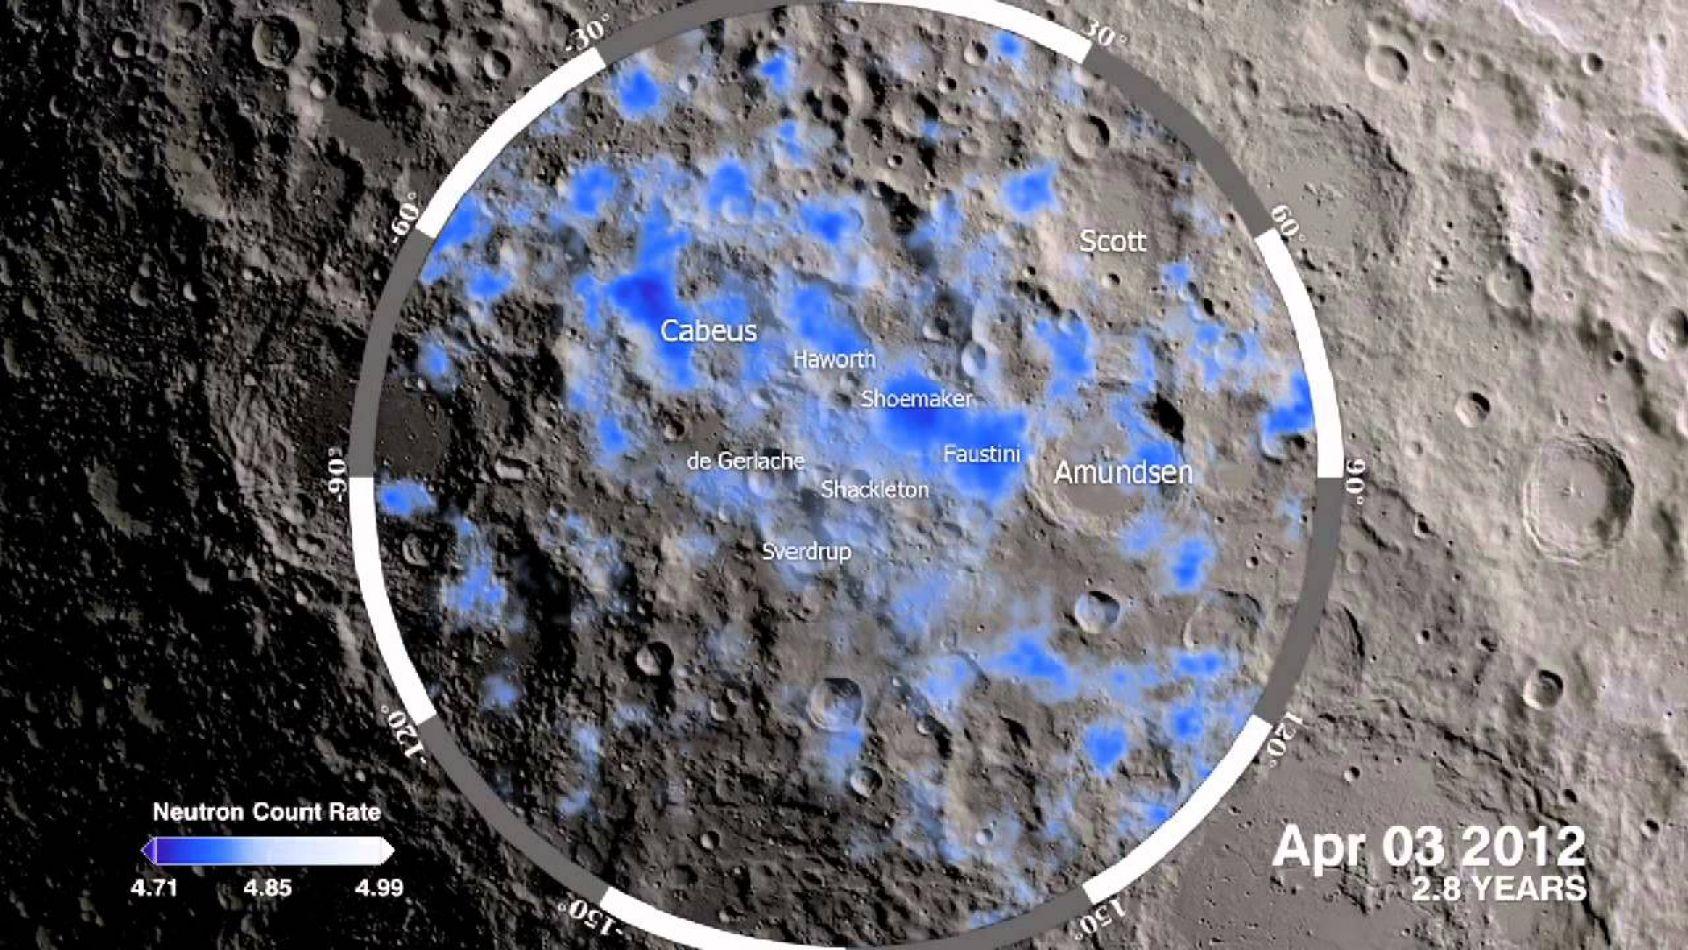 La NASA planea volver a mandar seres humanos a la Luna en 2024.